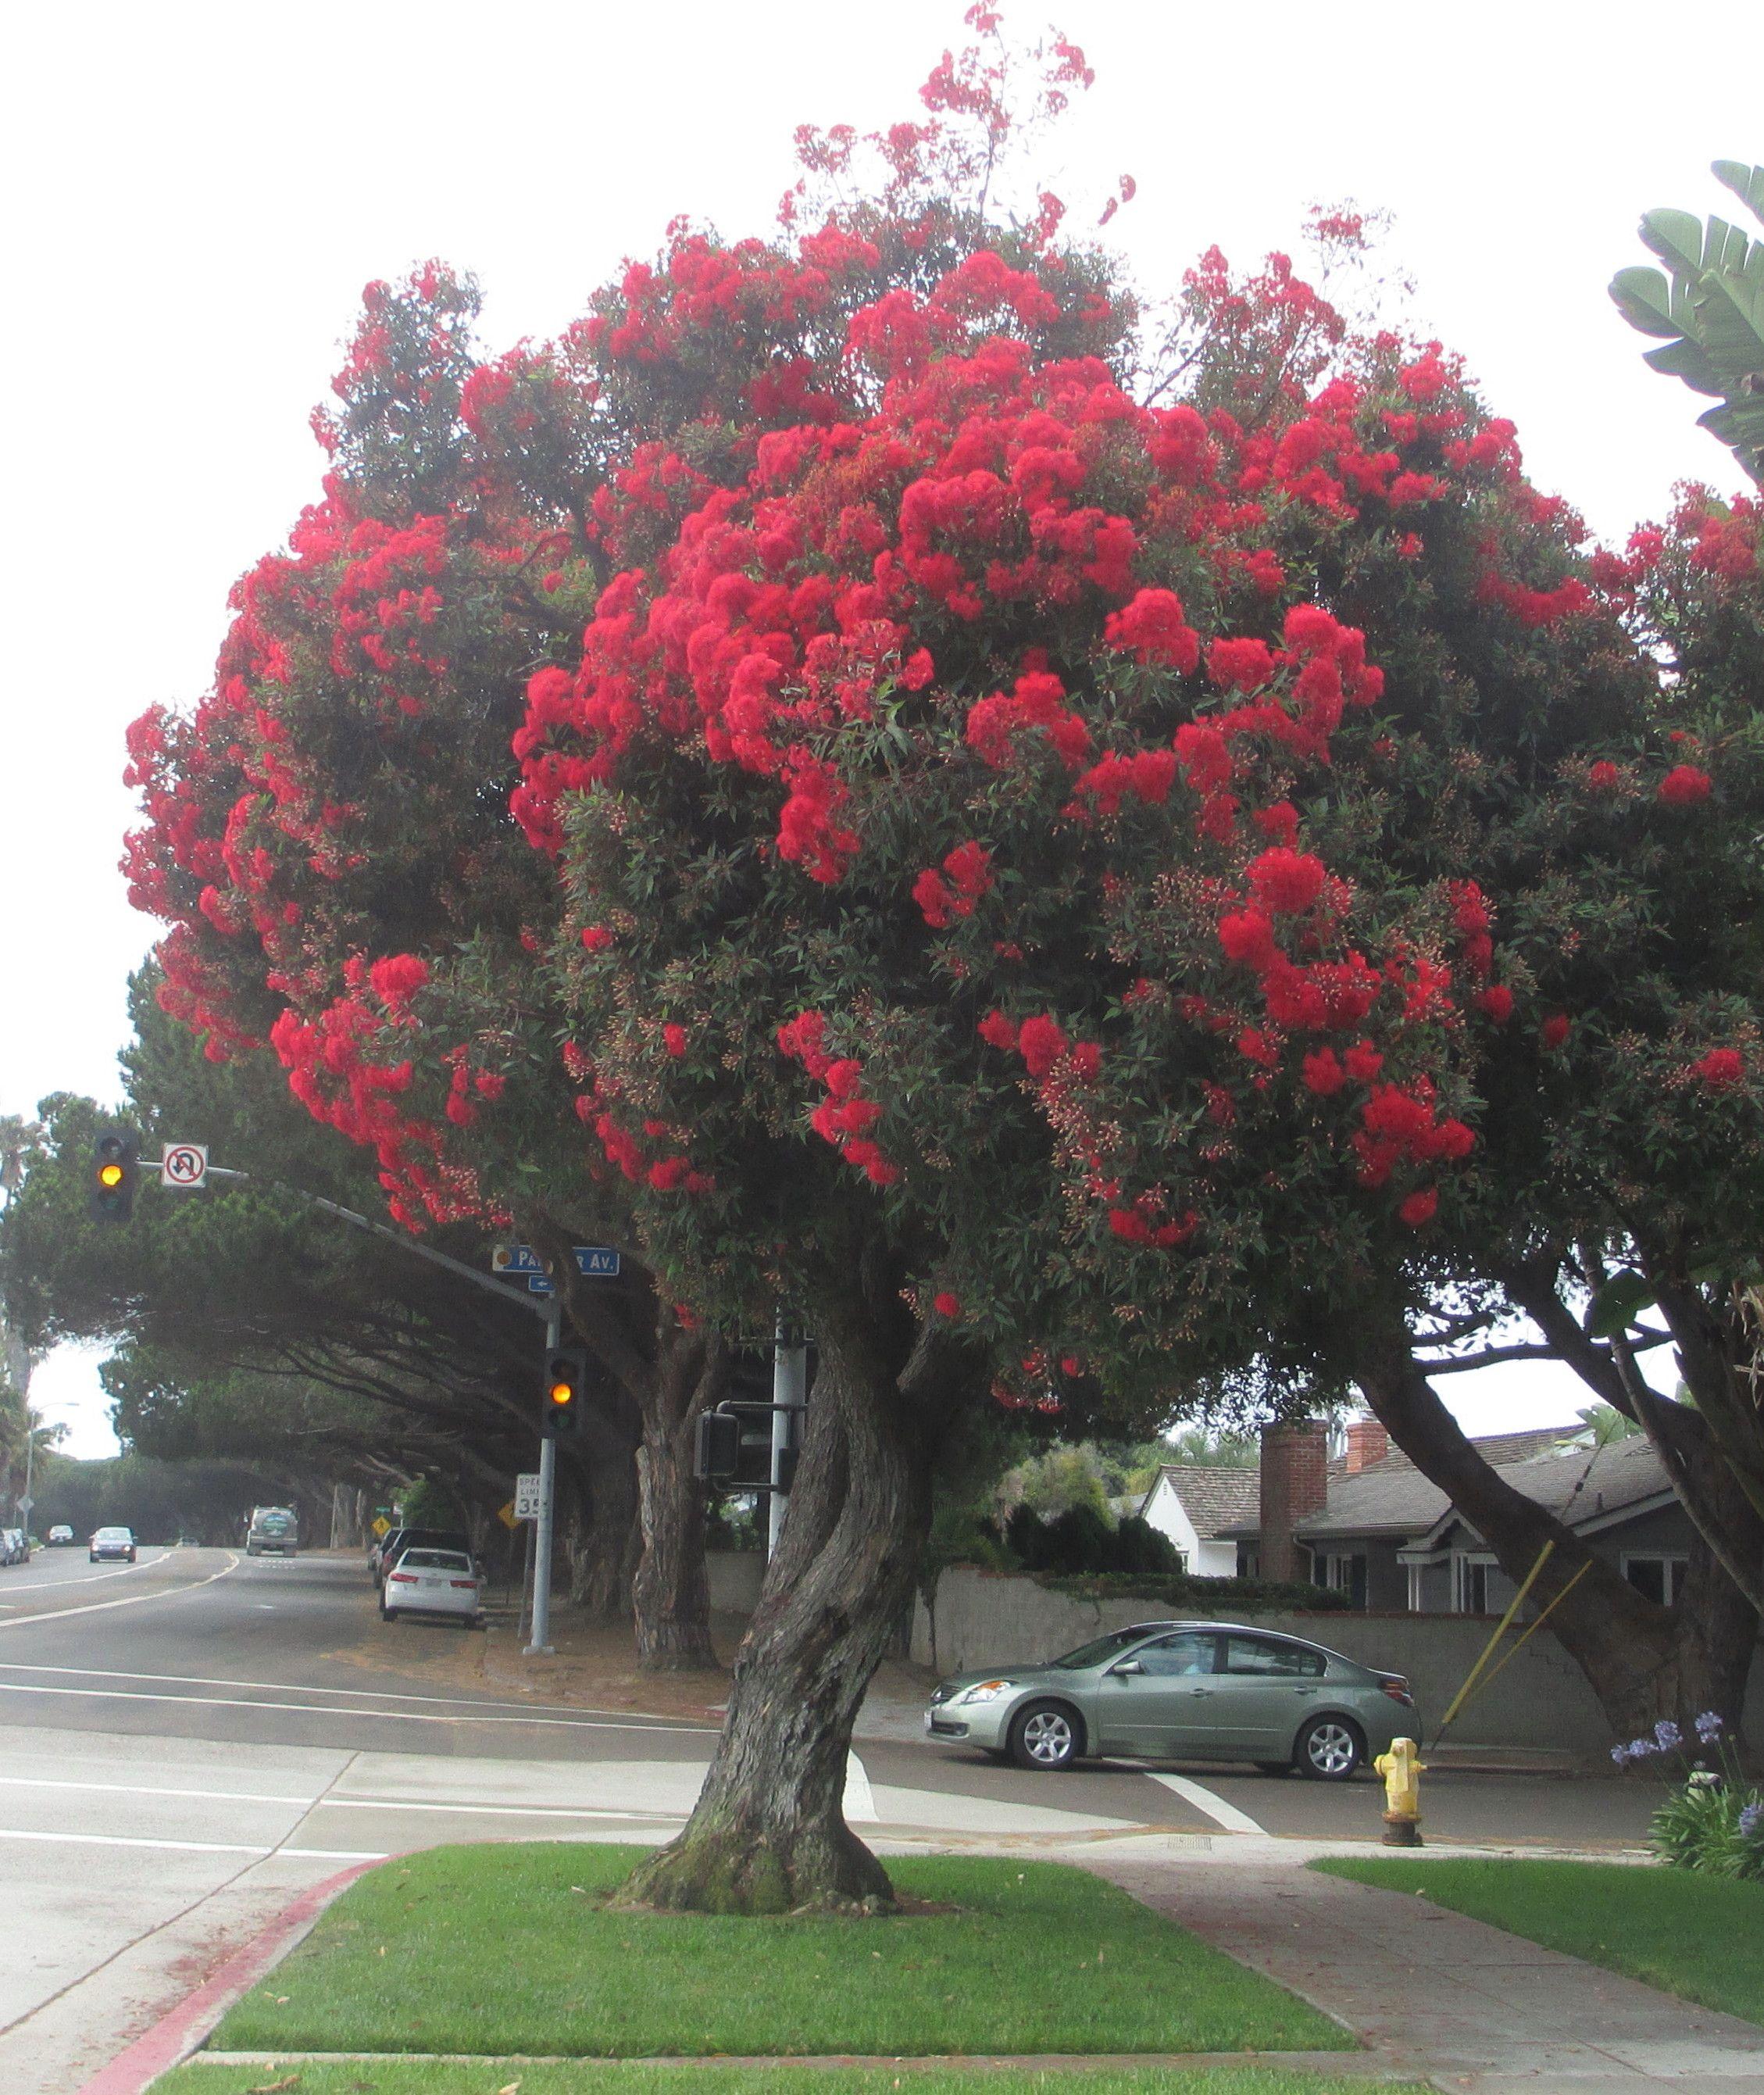 arbre fleurs rouges art bretelle pinterest arbre feuillu feuillus et fleurs rouges. Black Bedroom Furniture Sets. Home Design Ideas